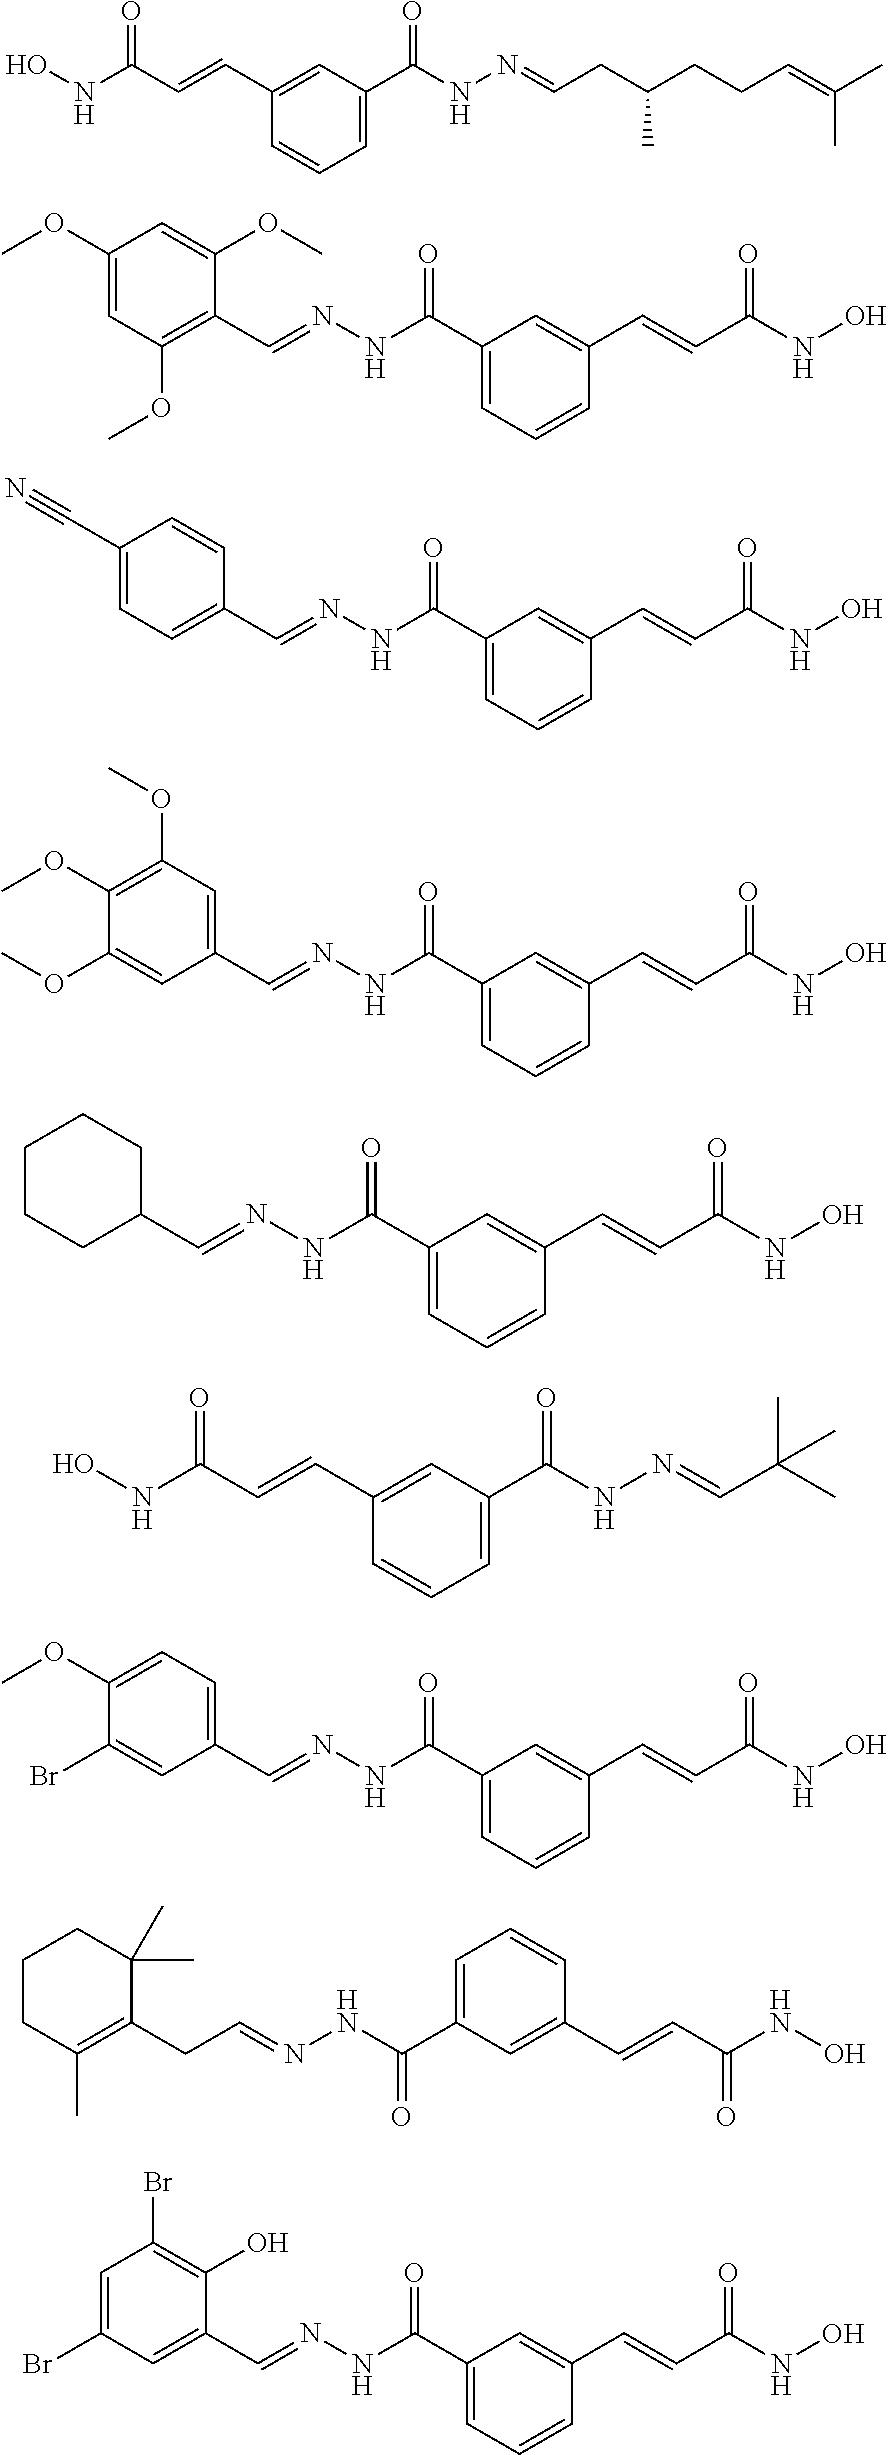 Figure US09540317-20170110-C00072